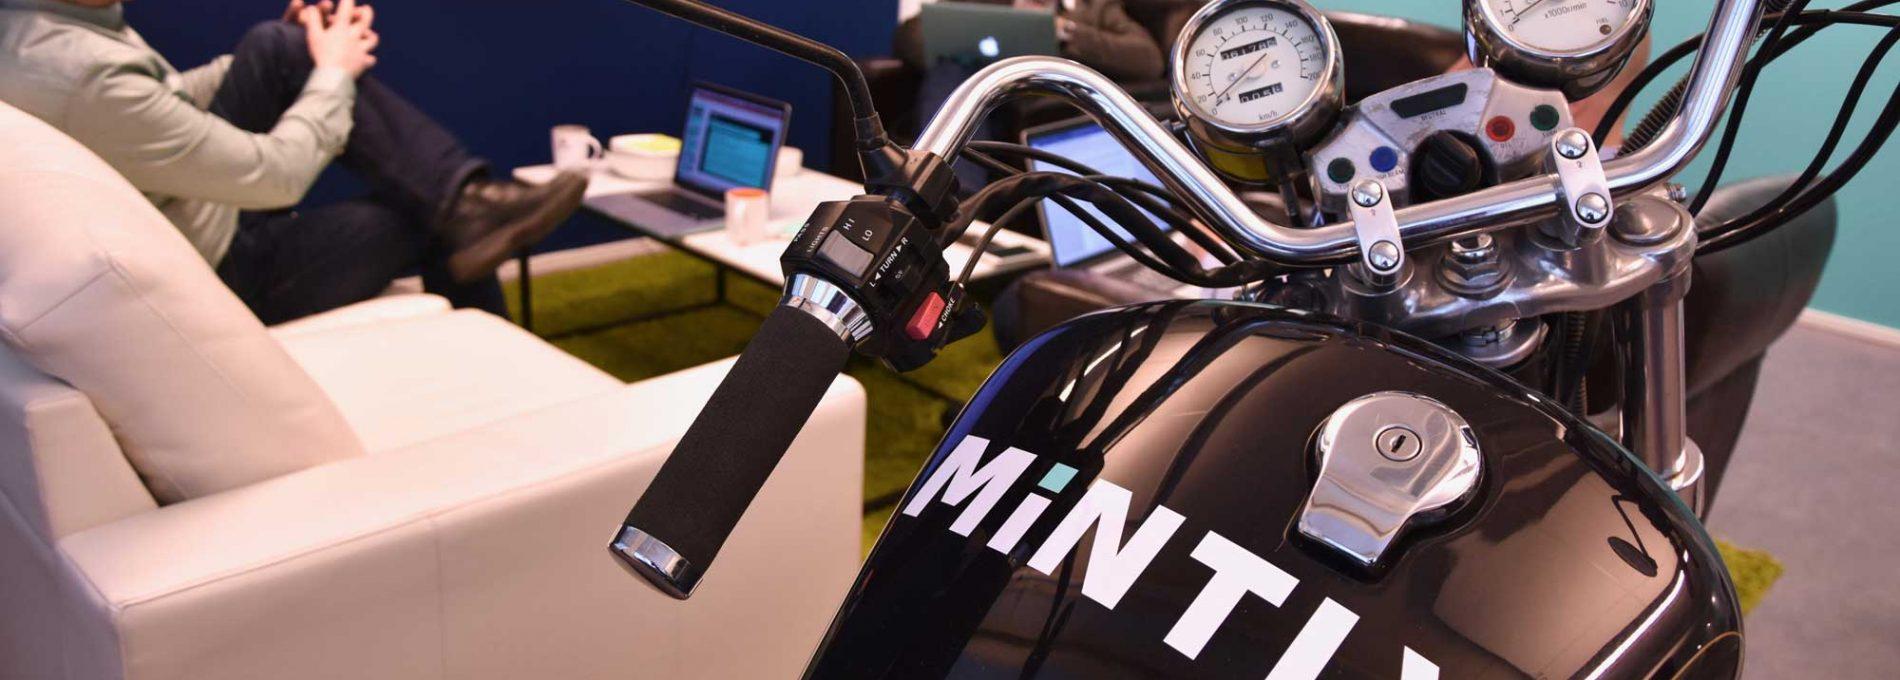 Tietoverkon tukipalvelut Mintlyltä. Mintlyn harrikka